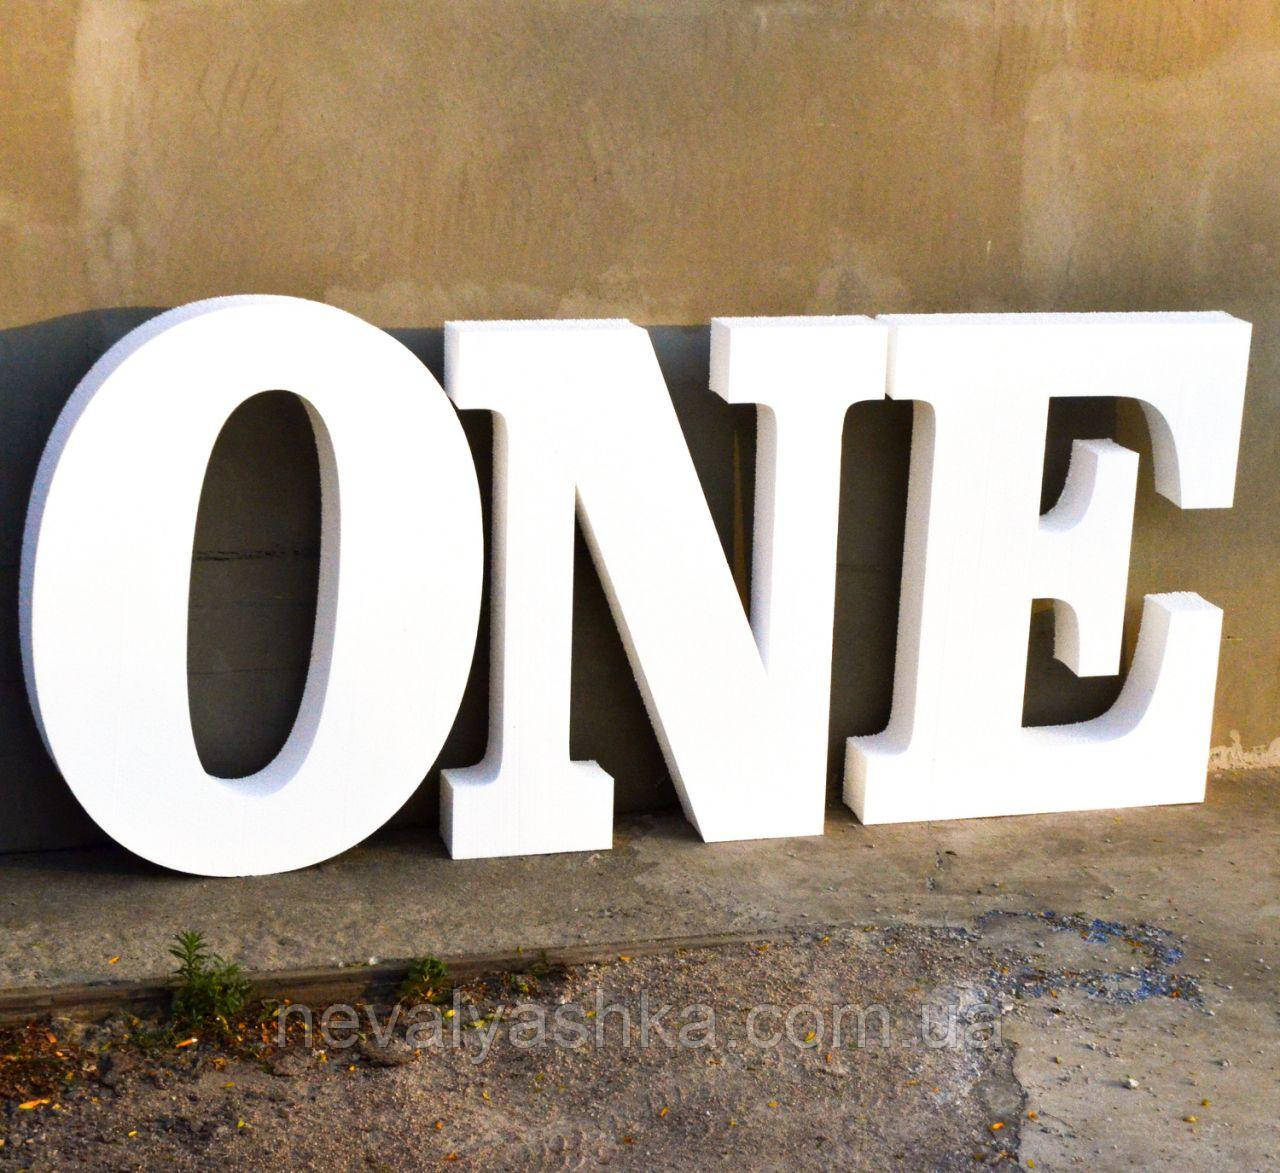 Цифры Буквы из Пенопласта 90-99 см Объемные Большие Декоративные Декорации на торжество слова на свадьбу